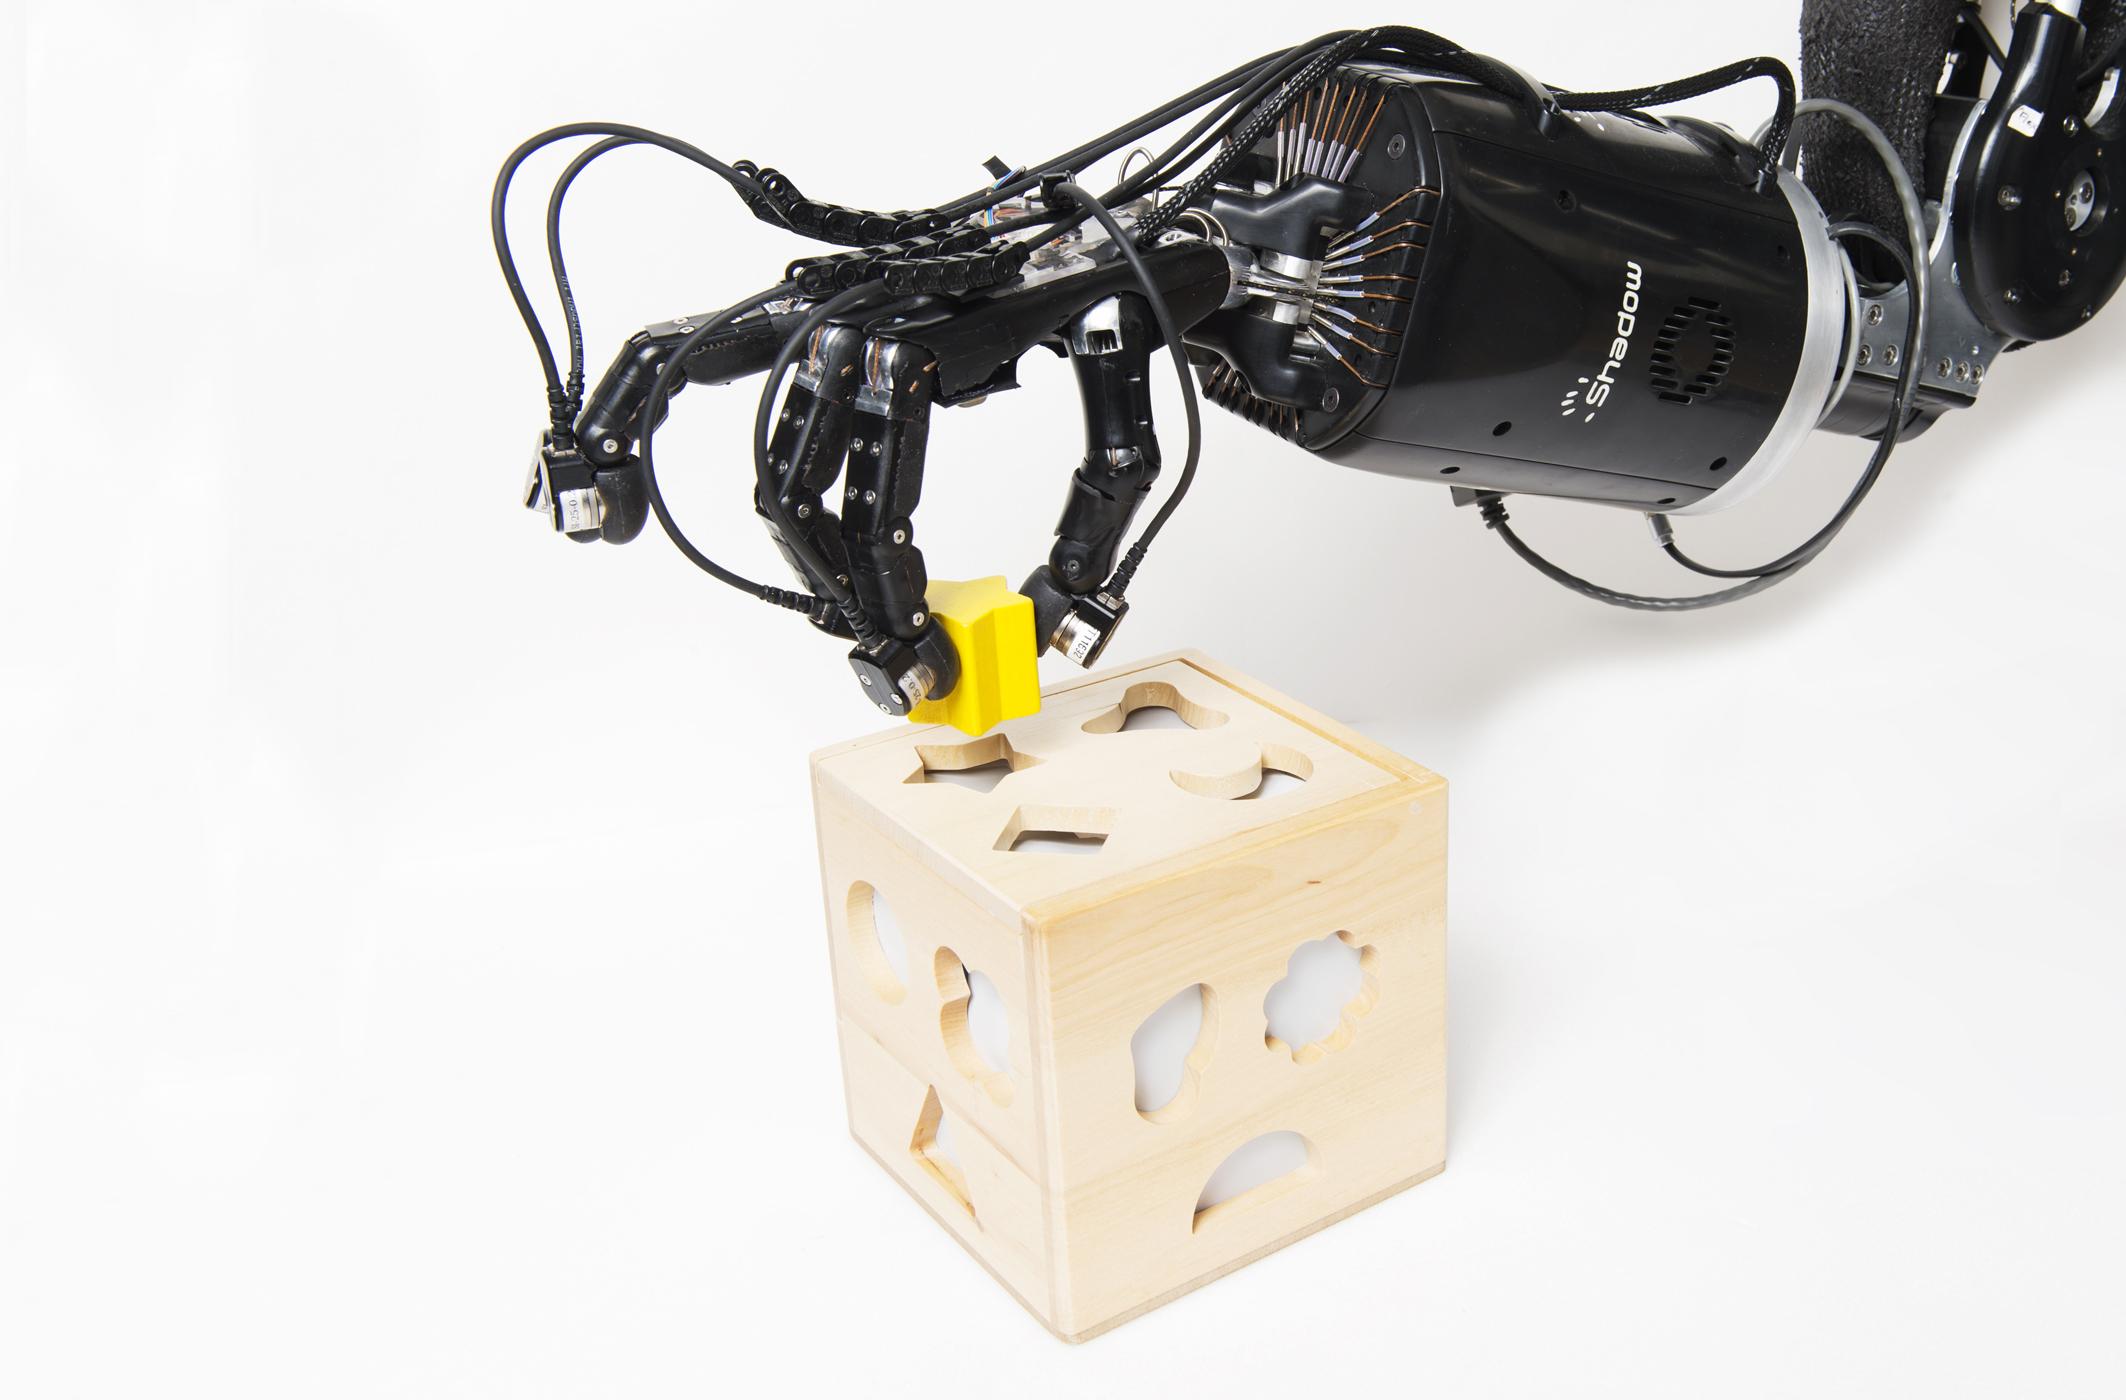 Manipulation fine d'un objet par la main robotisée du projet Handle.